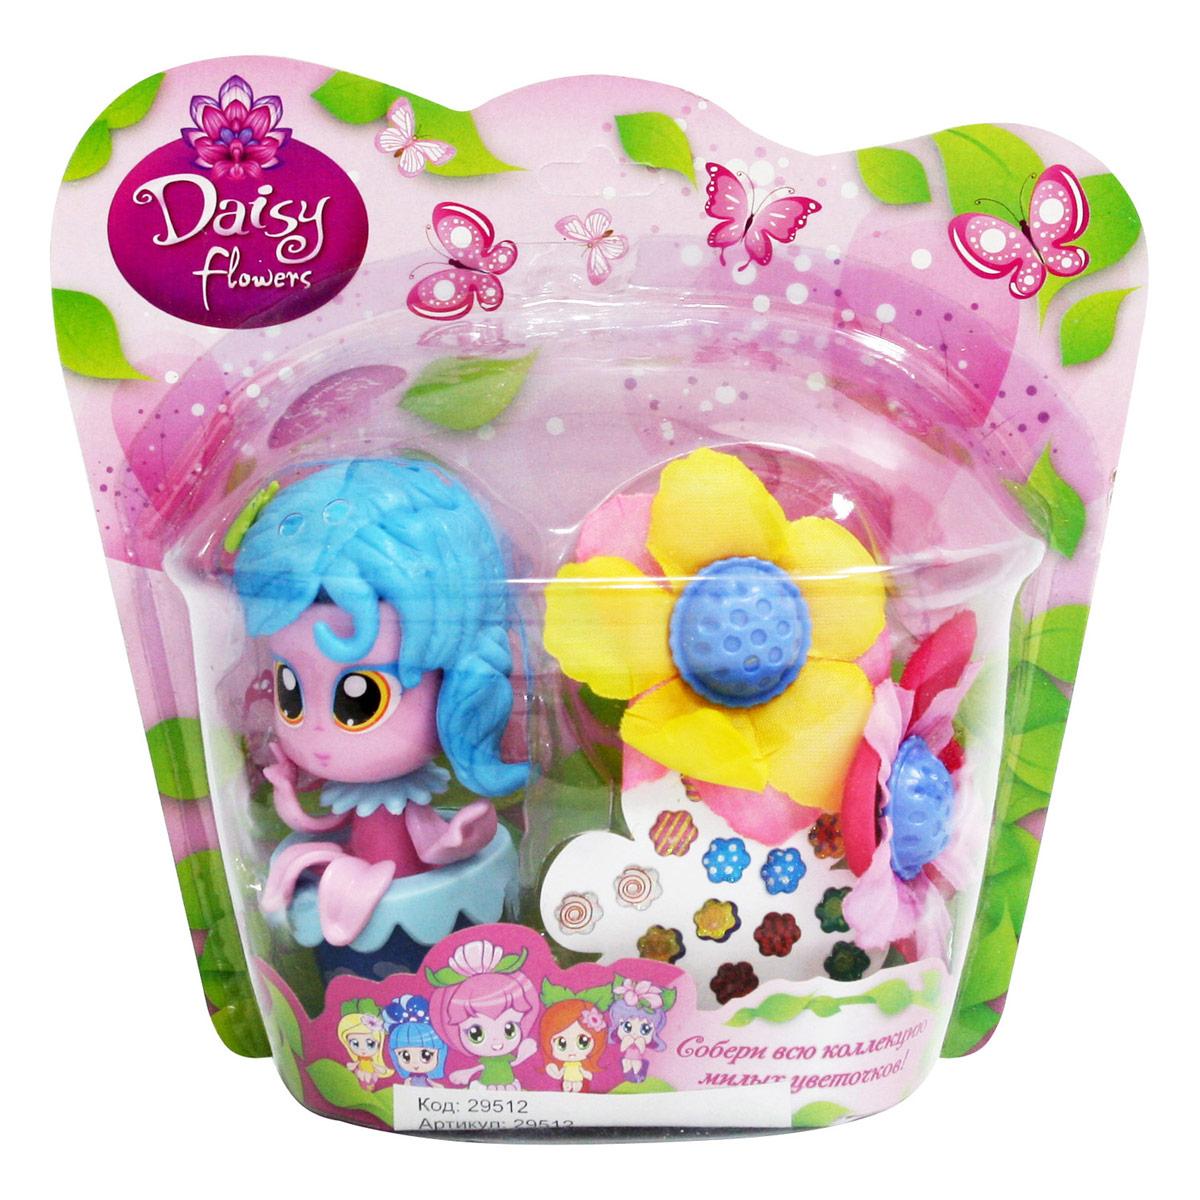 Daisy Игровой набор с куклой Цветочек с аксессуарами 2951229512Куклы-цветочки Daisy Flowers в наборах с яркими аксессуарами, наклейками, забавными питомцами и даже домом-лейкой! Милые куколки-цветочки - это разноцветные разборные игрушки, которые могут меняться между собой прическами, цветочными шляпками и аксессуарами. В ассортименте разные виды наборов: можно выбрать комплект кукол с аксессуарами, со сказочным питомцем, или даже c домом-лейкой и мини-мебелью. Куколки-цветочки можно наряжать, меняя их образы, брать с собой в дорогу или в гости! Собери коллекцию и подружи куколок между собой!